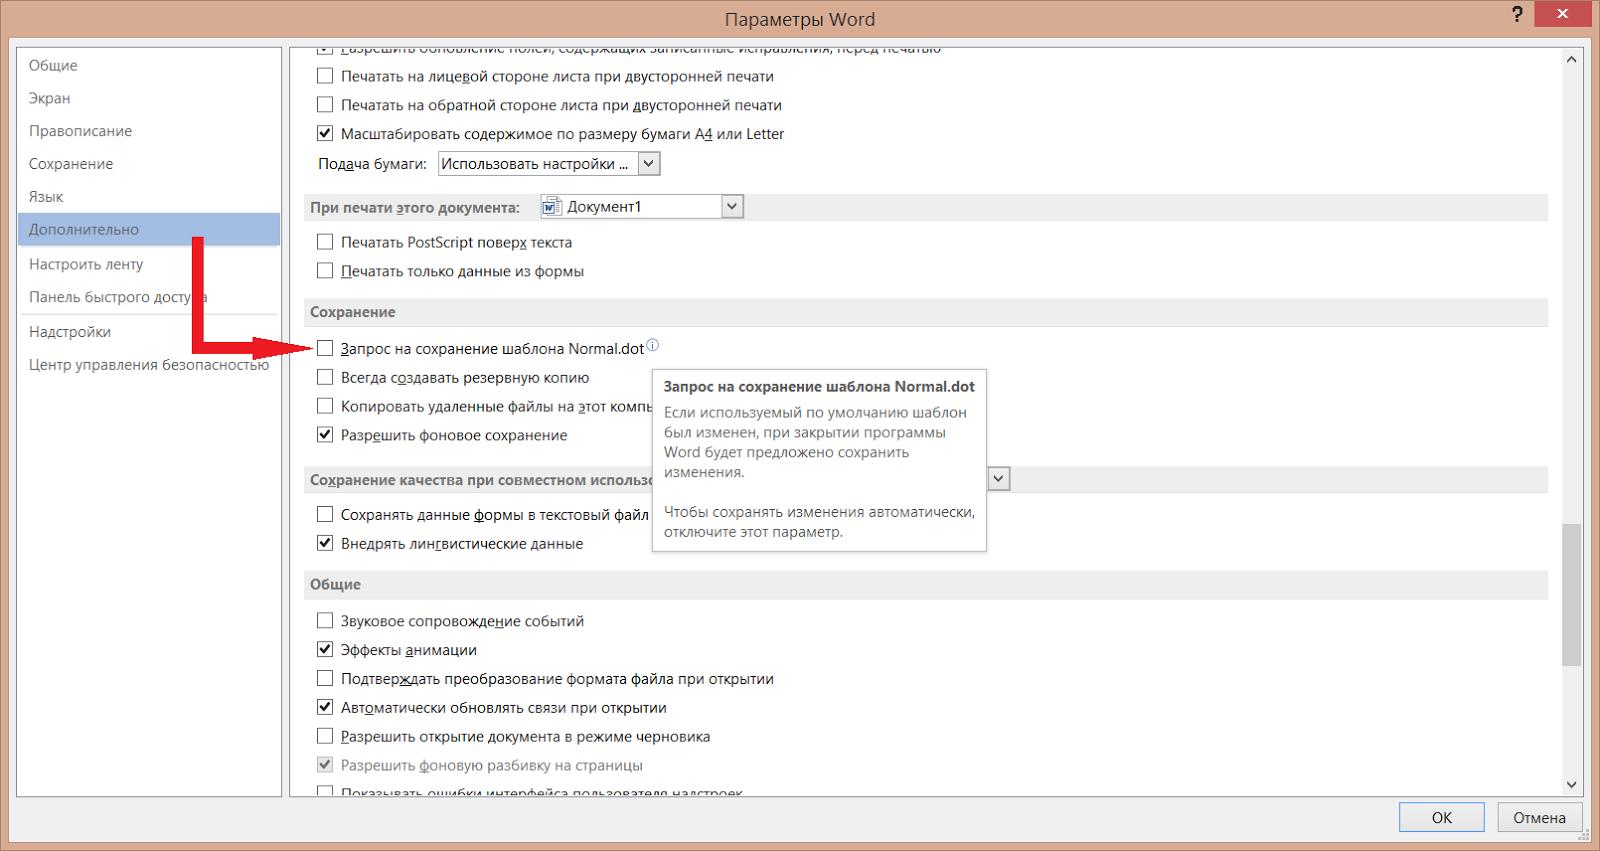 Powerguide: выполненные проекты - стандарт оформления презентаций и шаблон документов word для ооо мультикарта